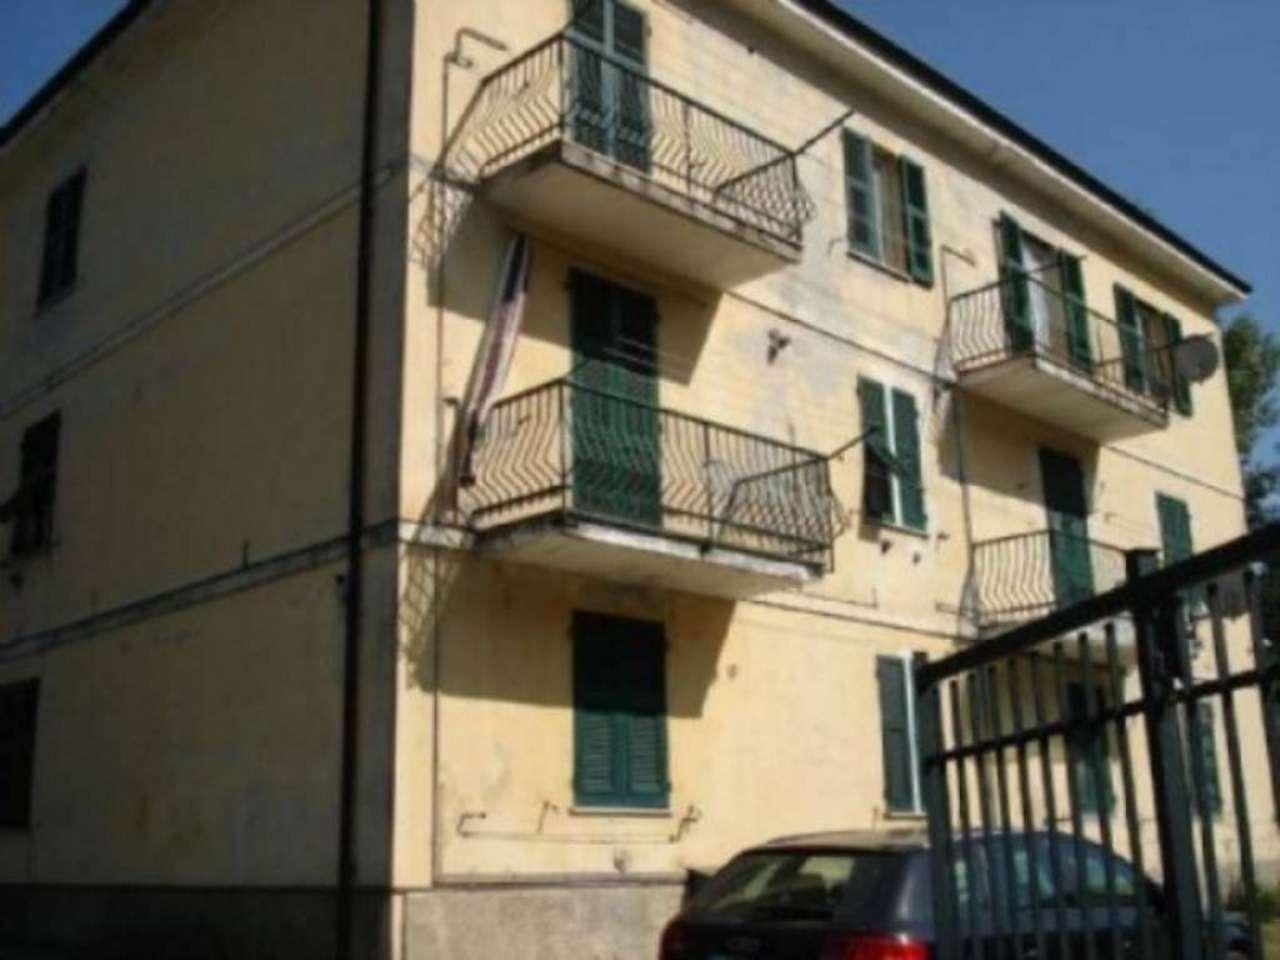 Appartamento in vendita a Voltaggio, 2 locali, prezzo € 70.000 | CambioCasa.it